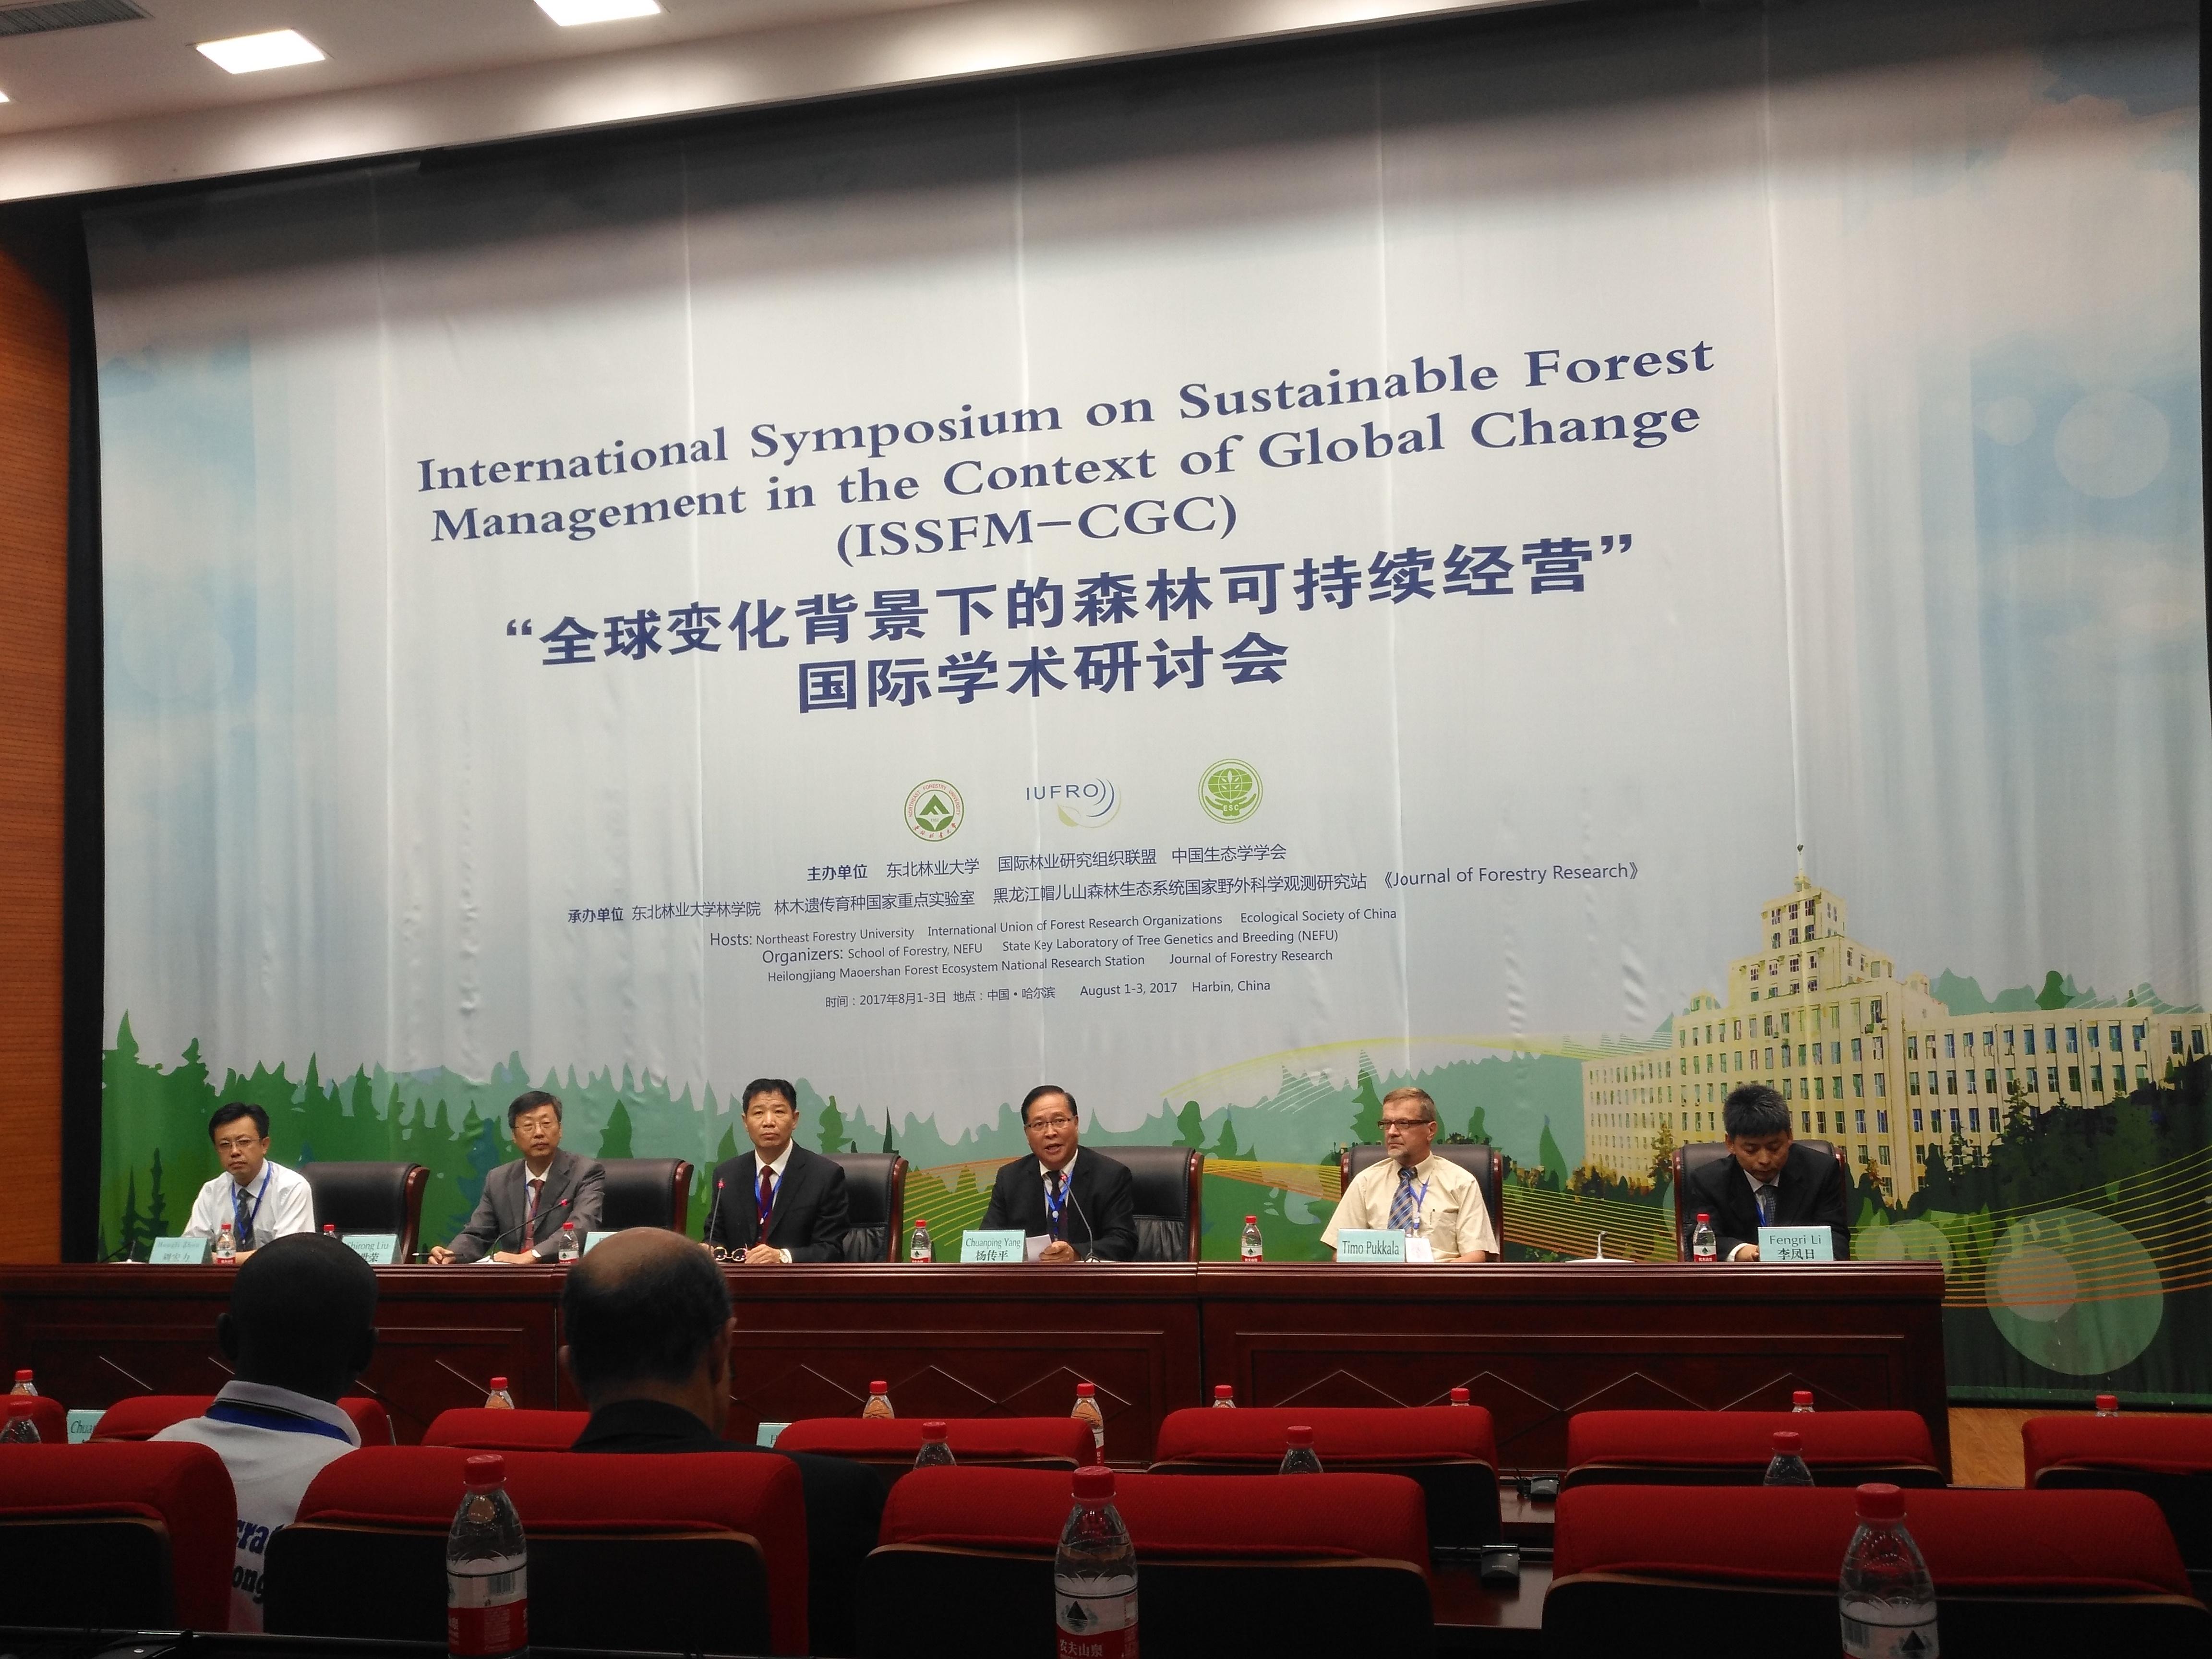 """帽儿山站承办的""""全球变化背景下的森林可持续经营""""国际学术研讨会顺利召开"""